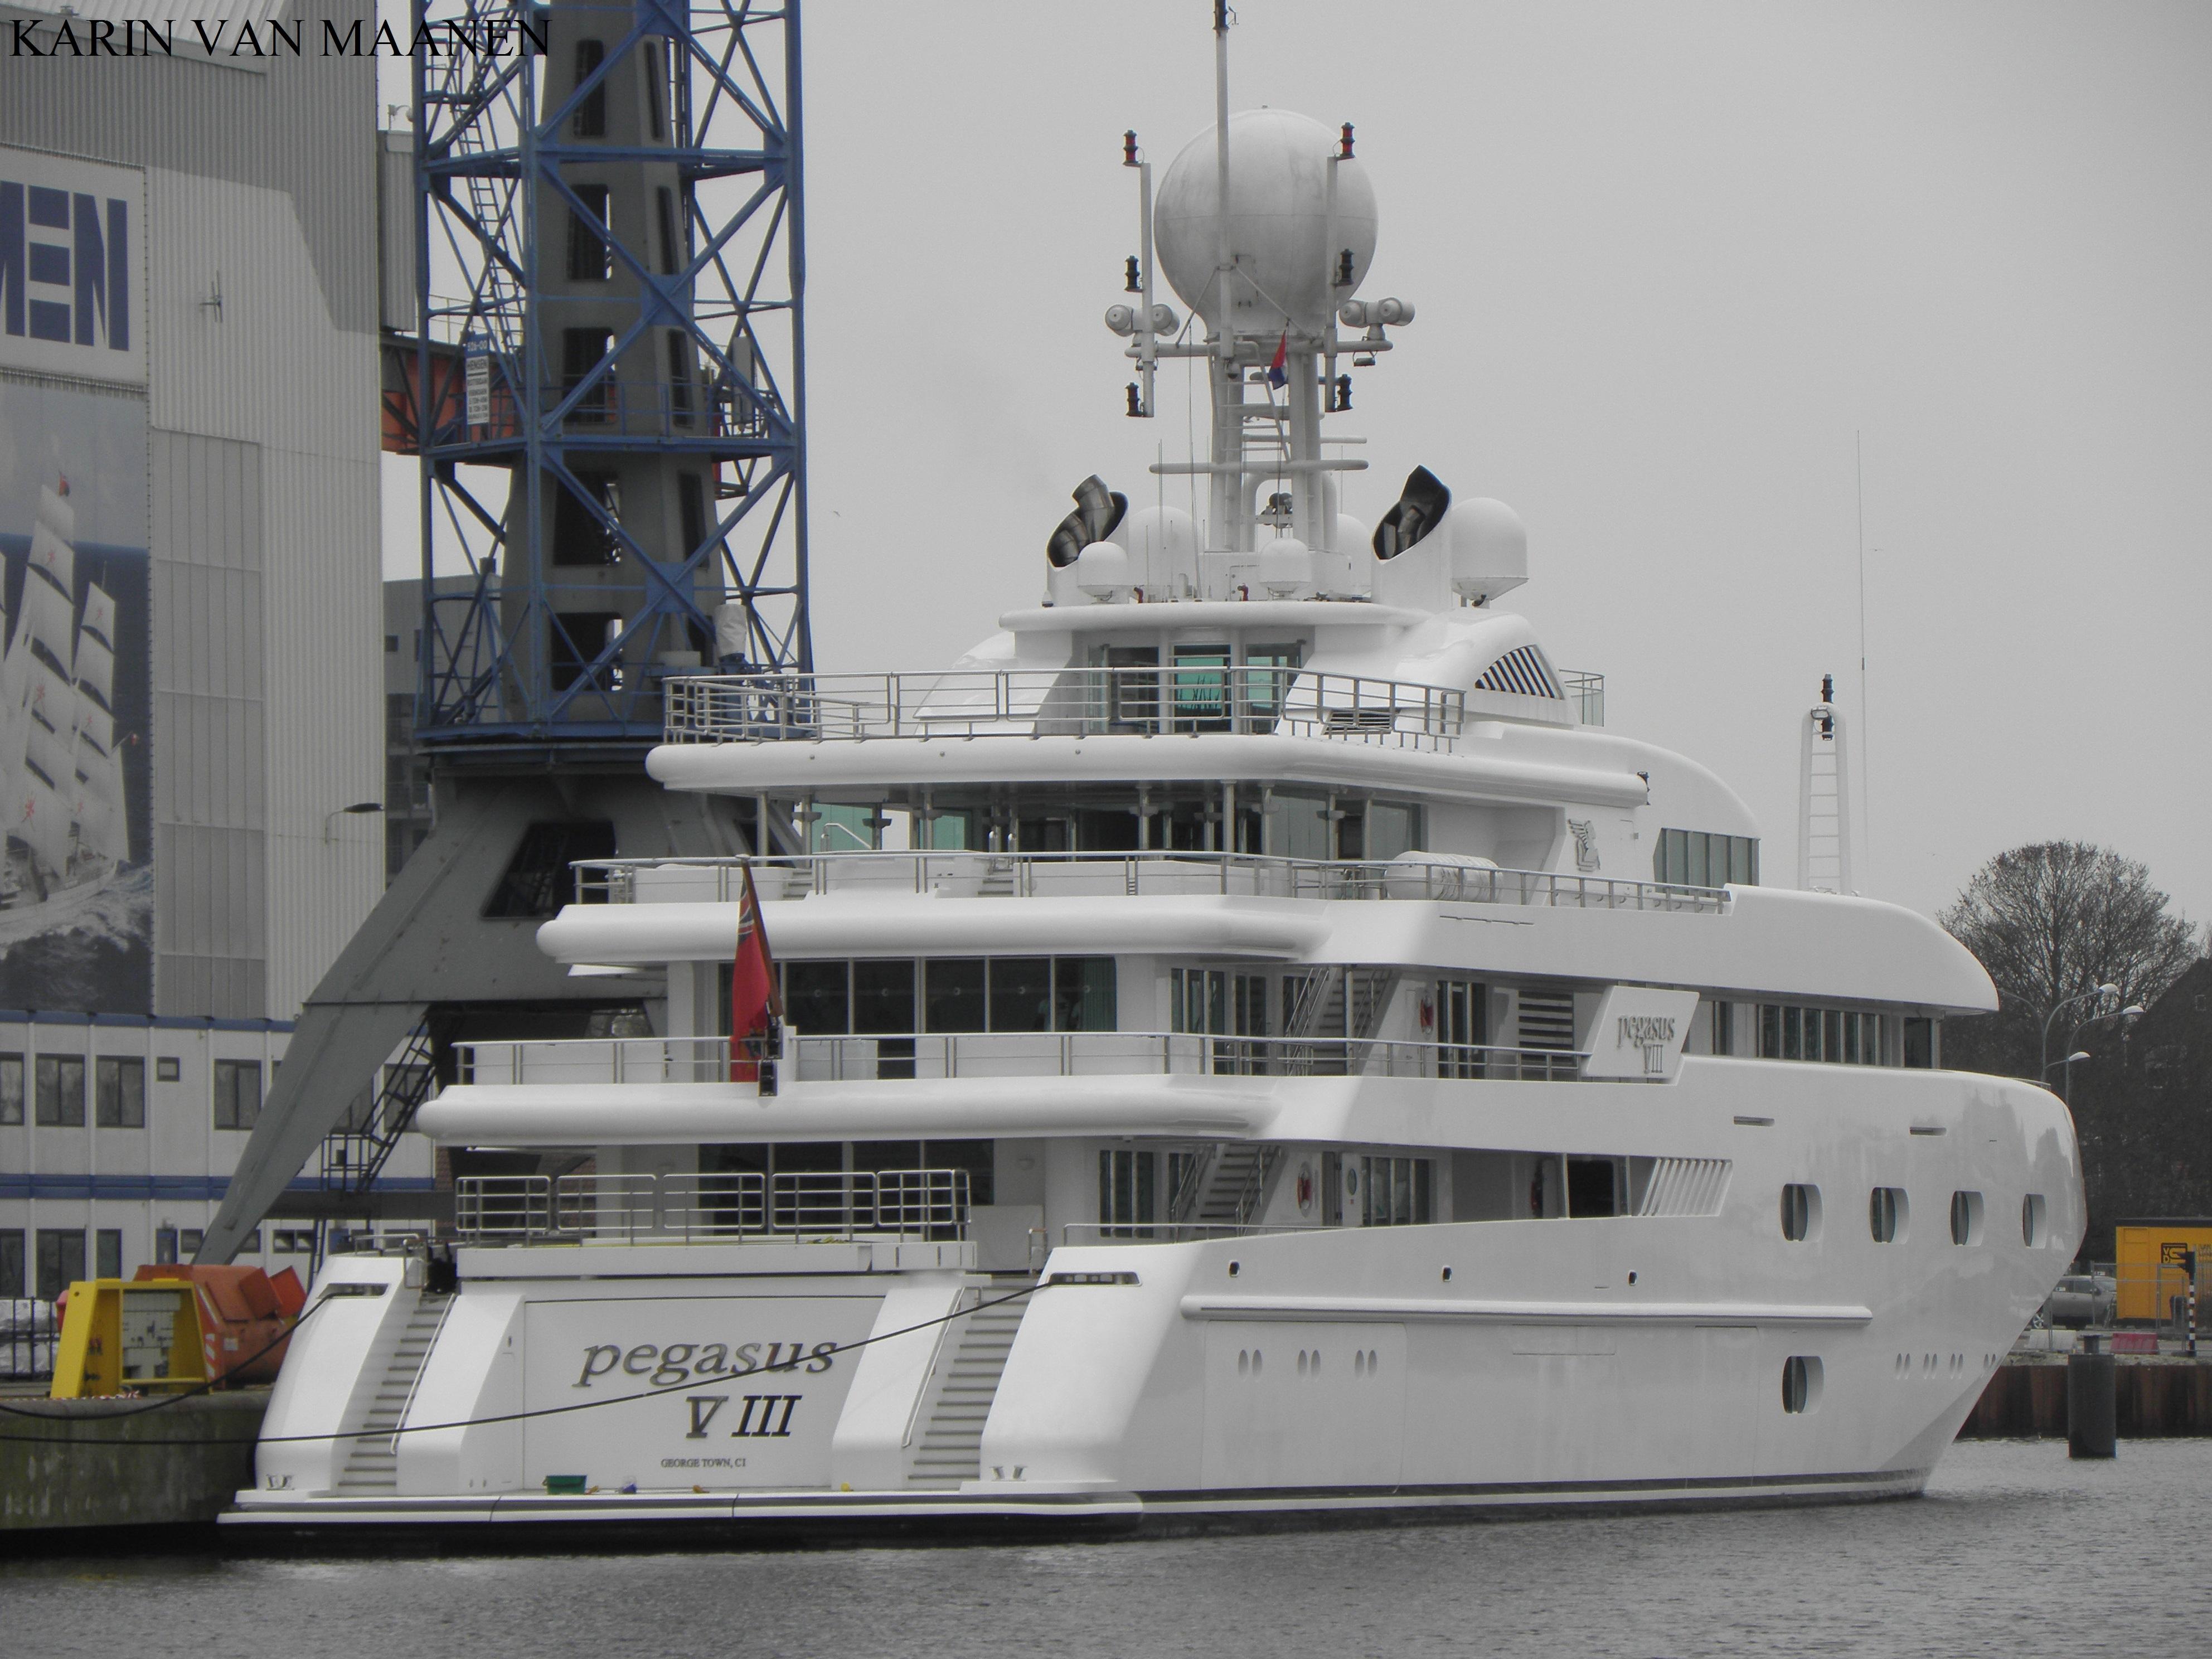 Pegasus VIII - Vlissingen Harbour